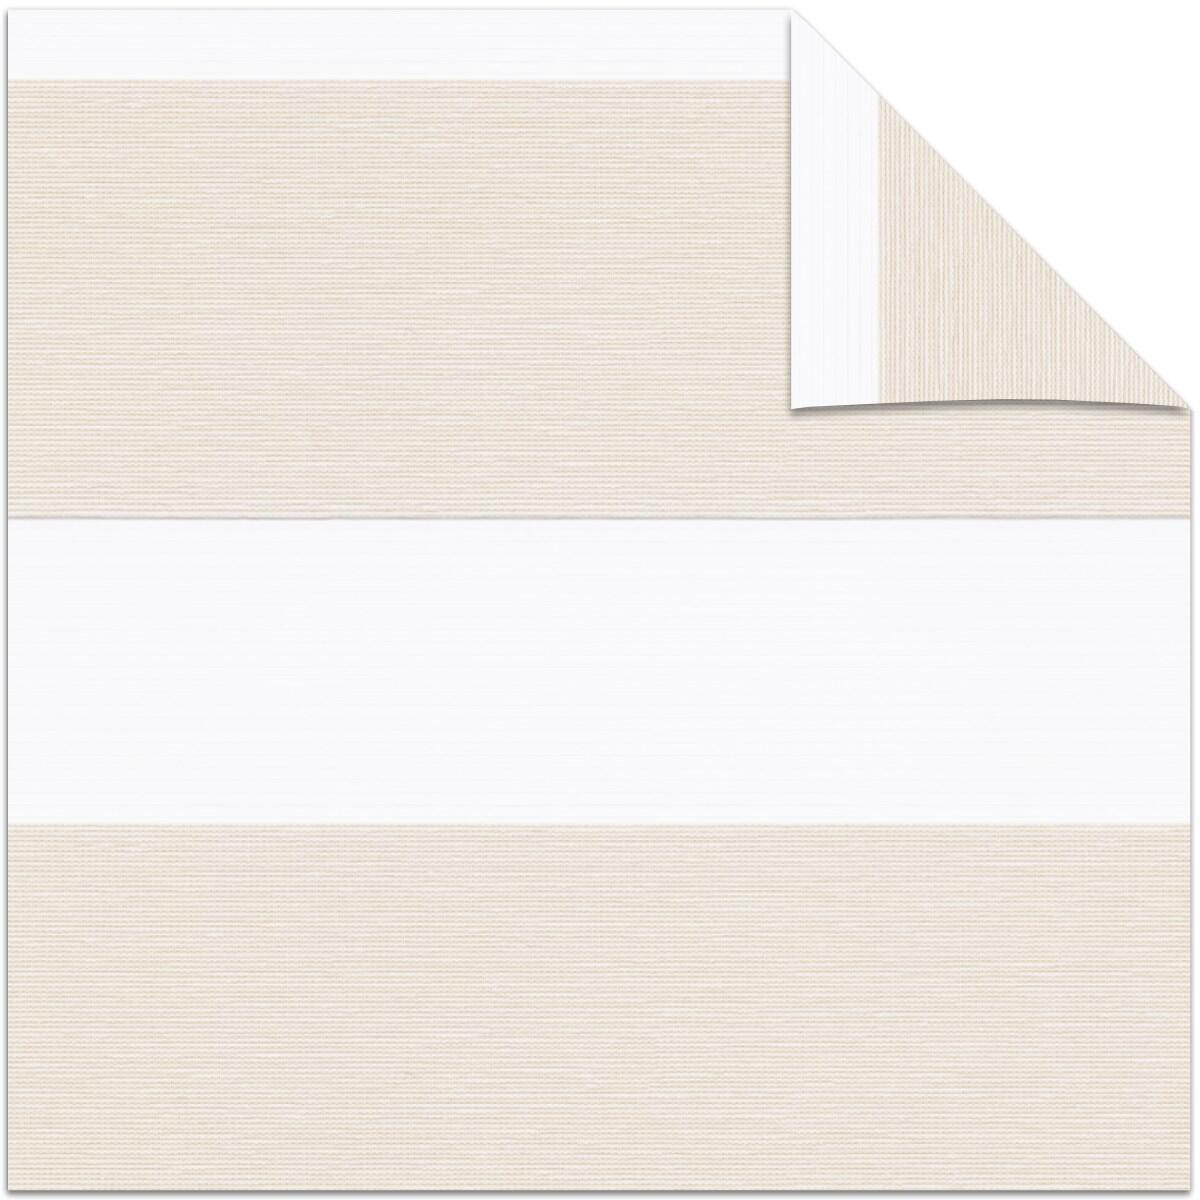 Tenda a rullo Orleans beige 90 x 190 cm - 3